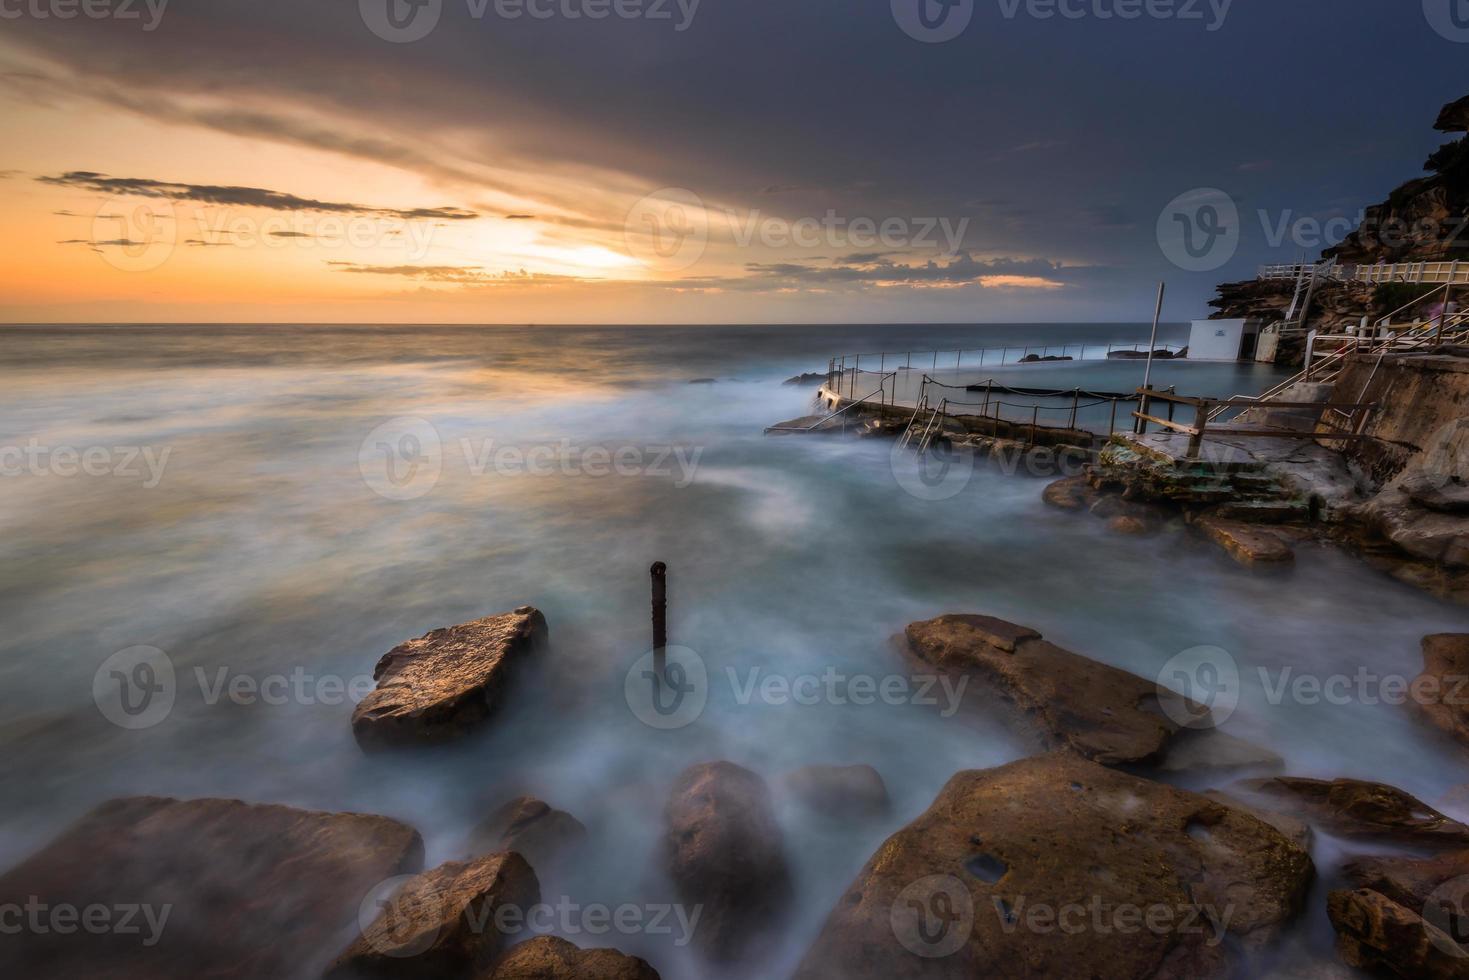 piscina bronte rock, sydney, austrália foto